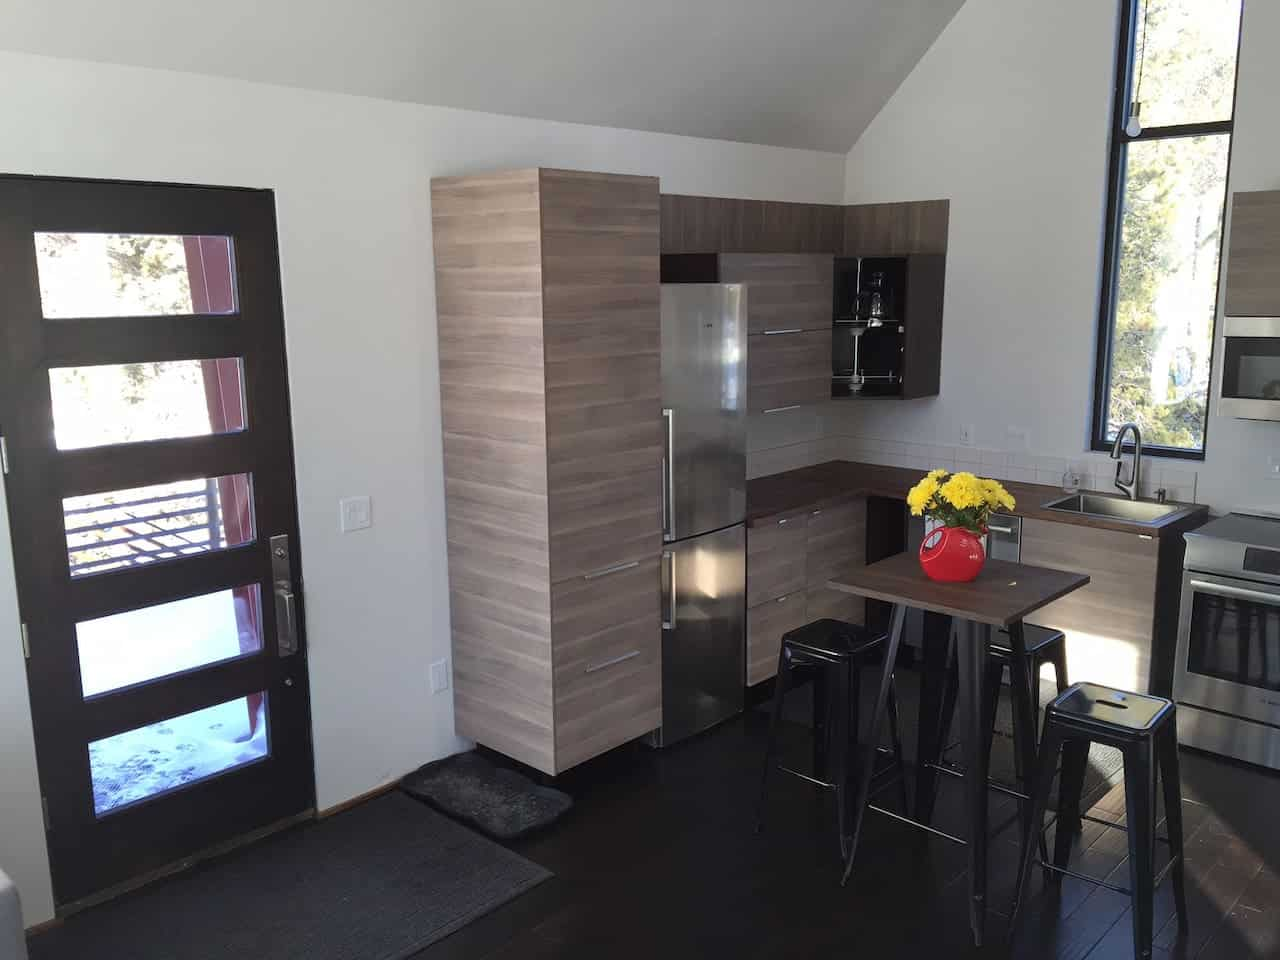 Image of Airbnb rental in Breckenridge, Colorado